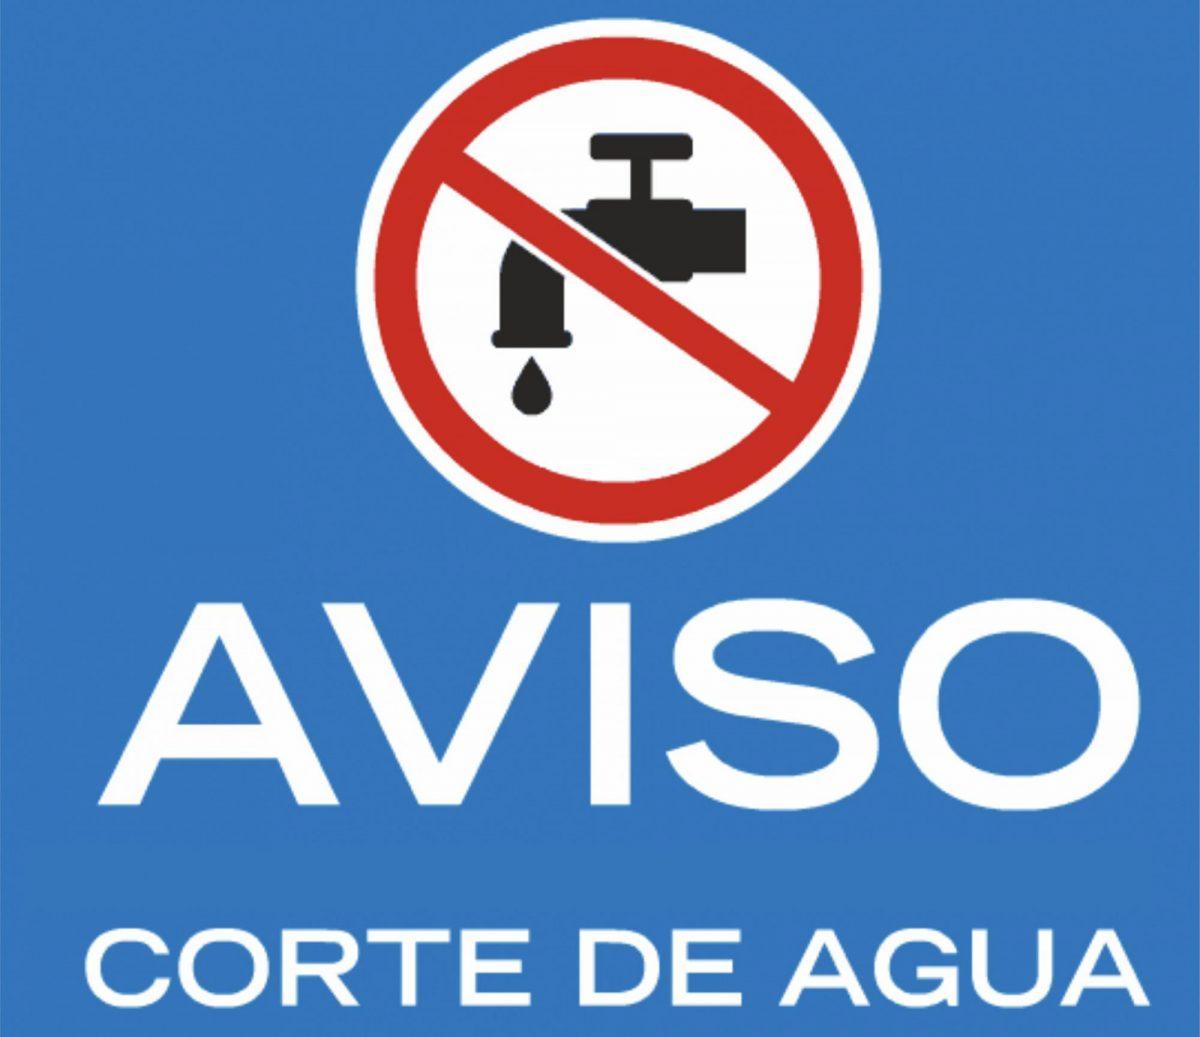 https://www.toledo.es/wp-content/uploads/2019/10/corte_de_agua-1200x1037.jpg. Este viernes 4 de octubre habrá un corte de suministro de agua en la calle Río Cascajoso para la mejora de la red de abastecimiento